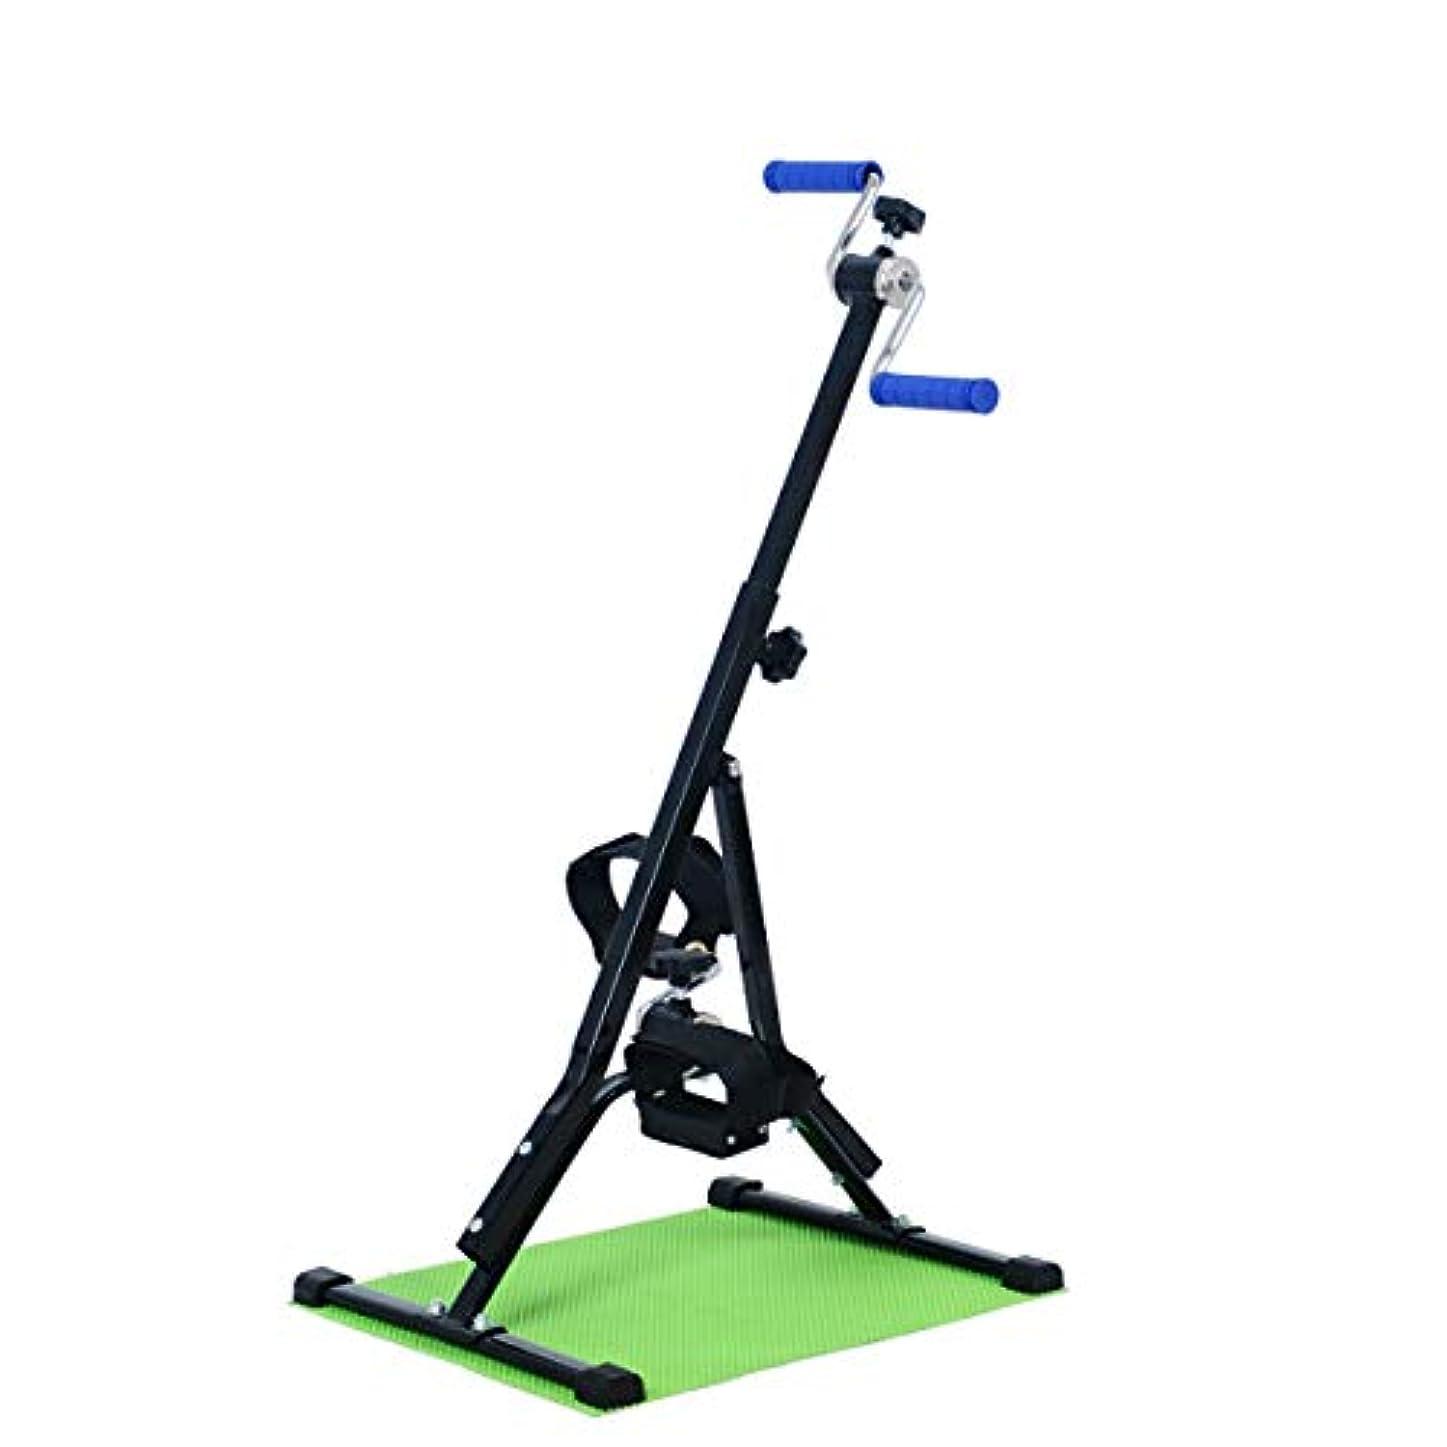 便利なぜサーキュレーション上下肢トレーニング機器、ホームレッグアームペダルエクササイザー、高齢者リハビリテーションのための脳卒中片麻痺自転車ホーム理学療法フィットネスワークアウト,A